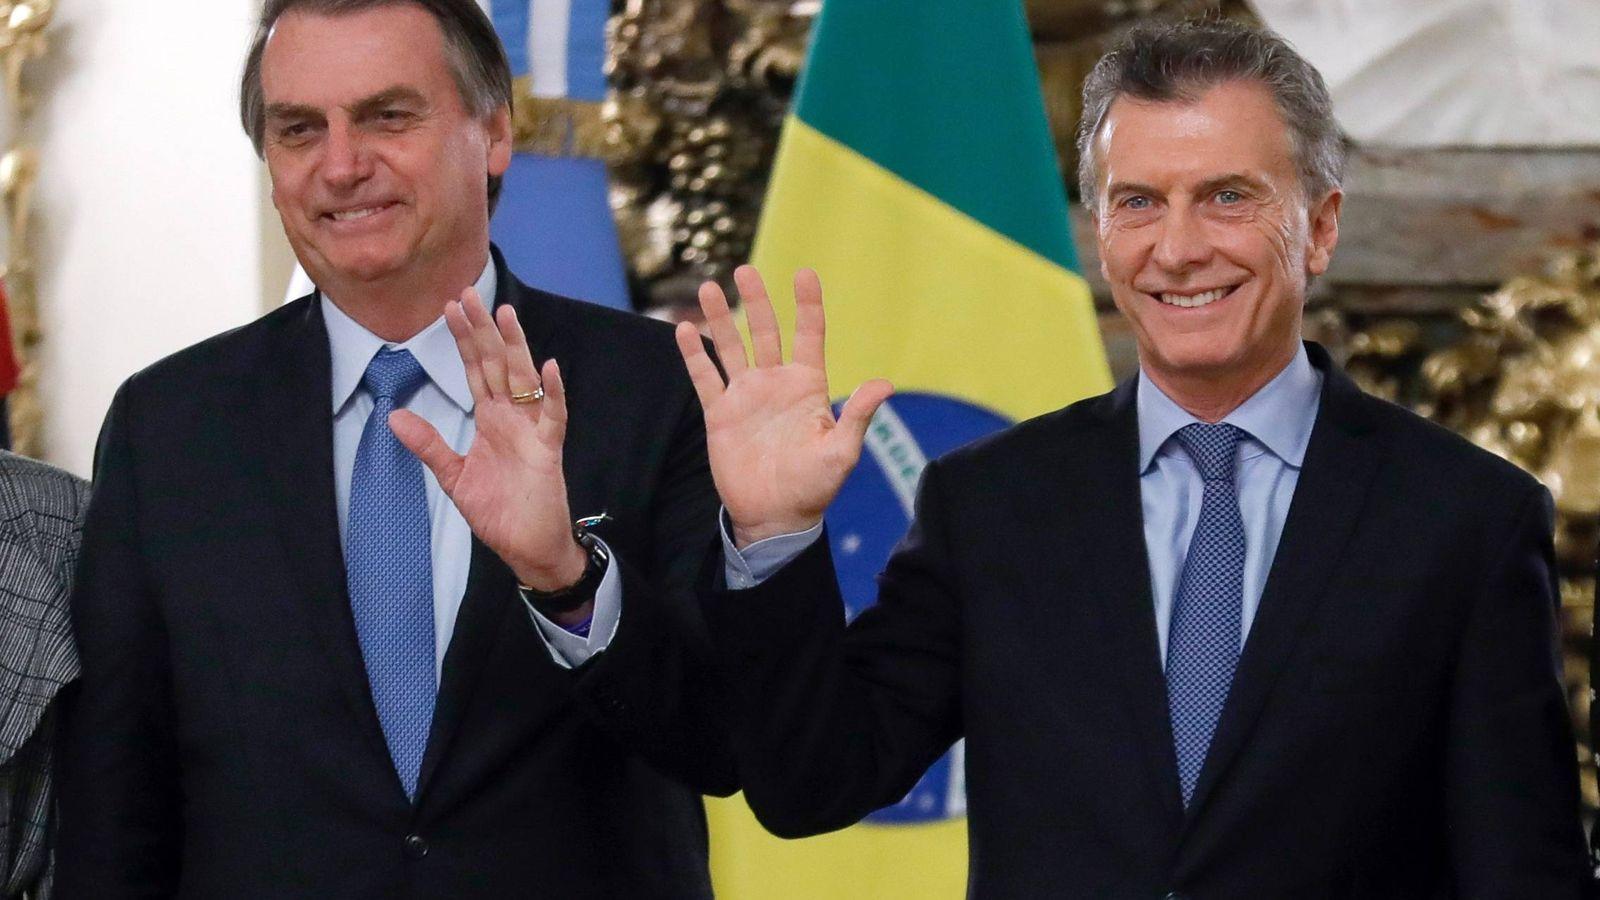 Foto: Los presidentes de Argentina, Mauricio Macri, y Brasil, Jair Bolsonaro. (EFE)